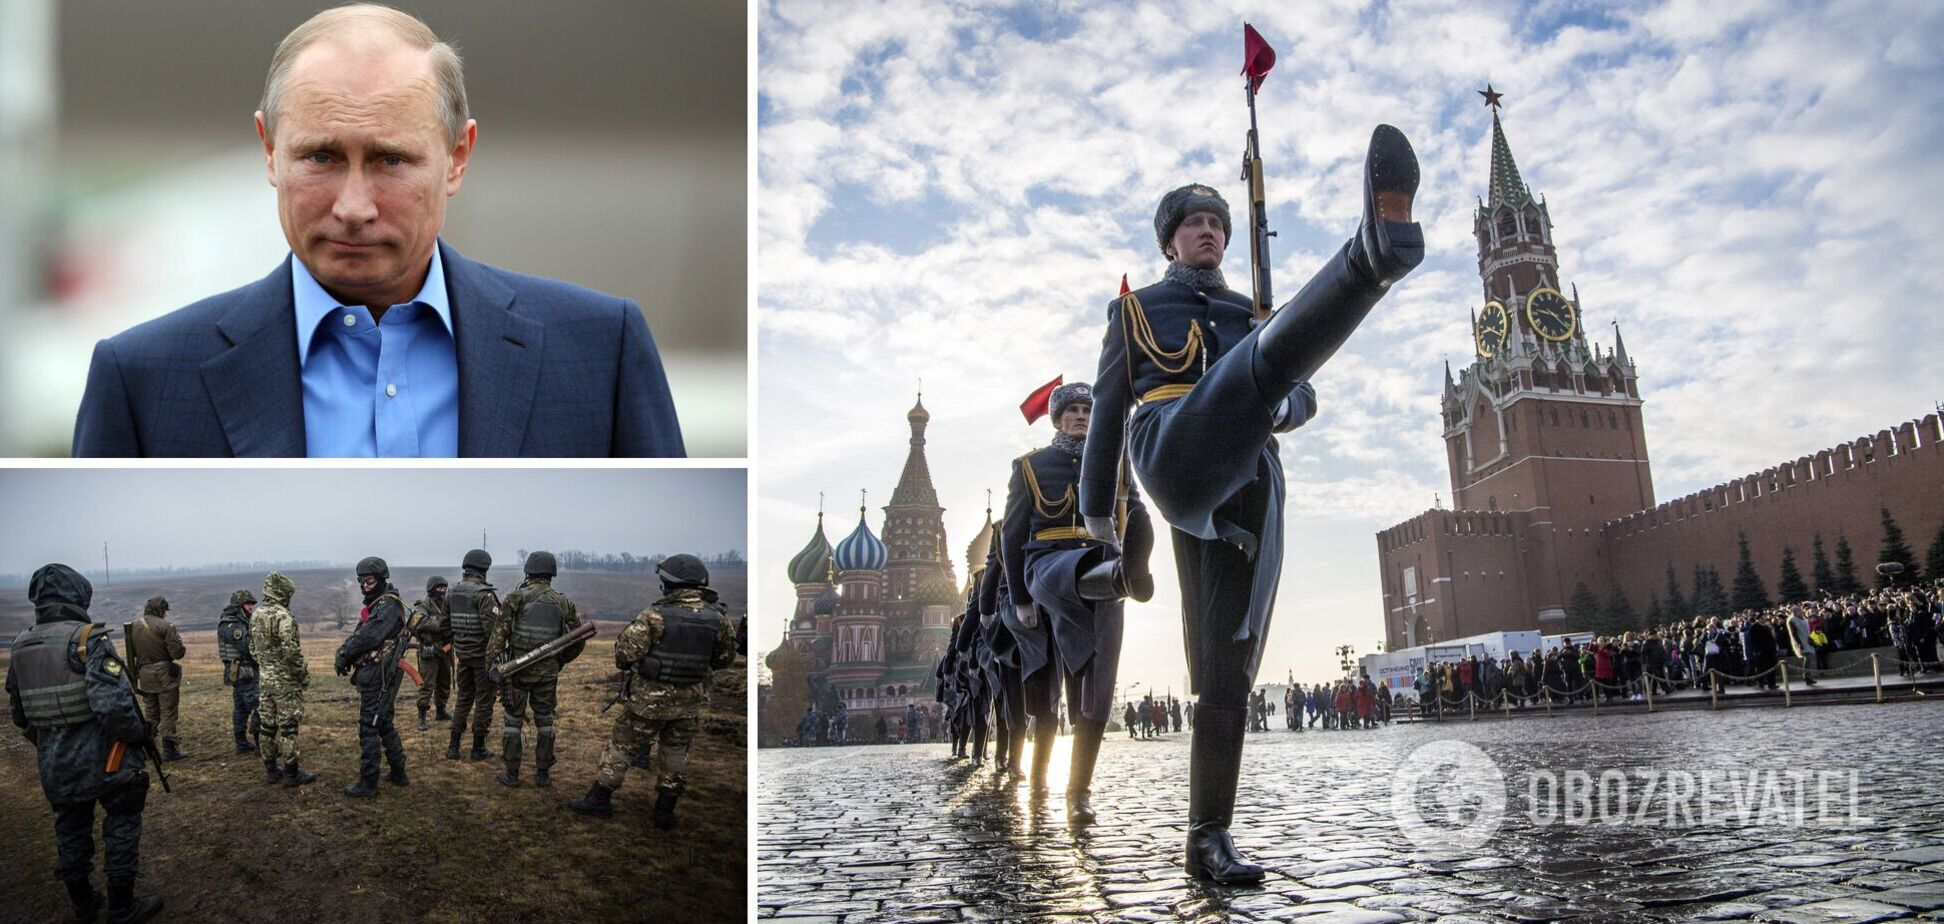 В Кремлі вважають, що українські війська збираються наступати на територію окупованого Донбасу, вважає колишній депутат Держдуми Ілля Пономарьов